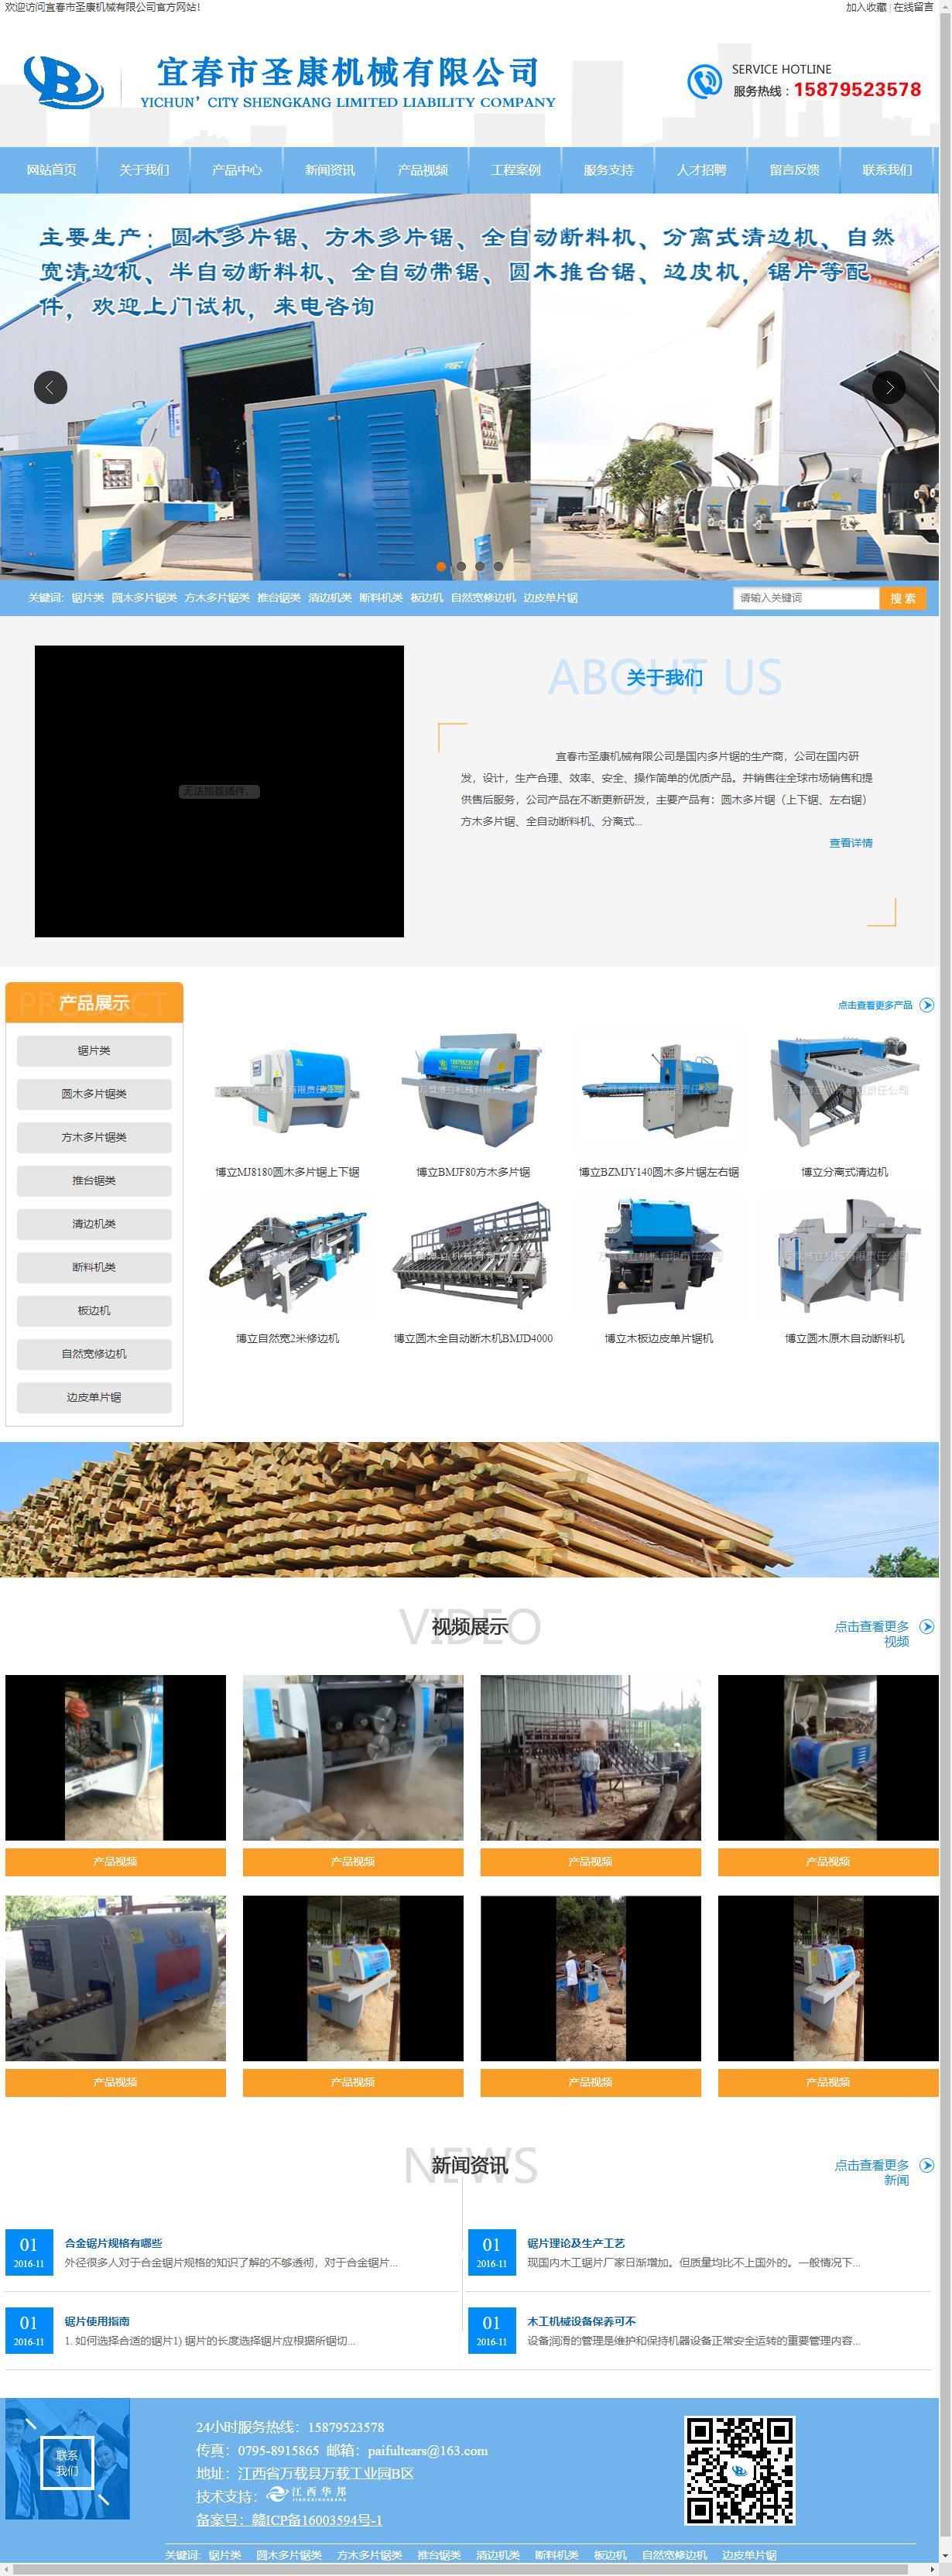 万载博立机械有限责任公司网站案例